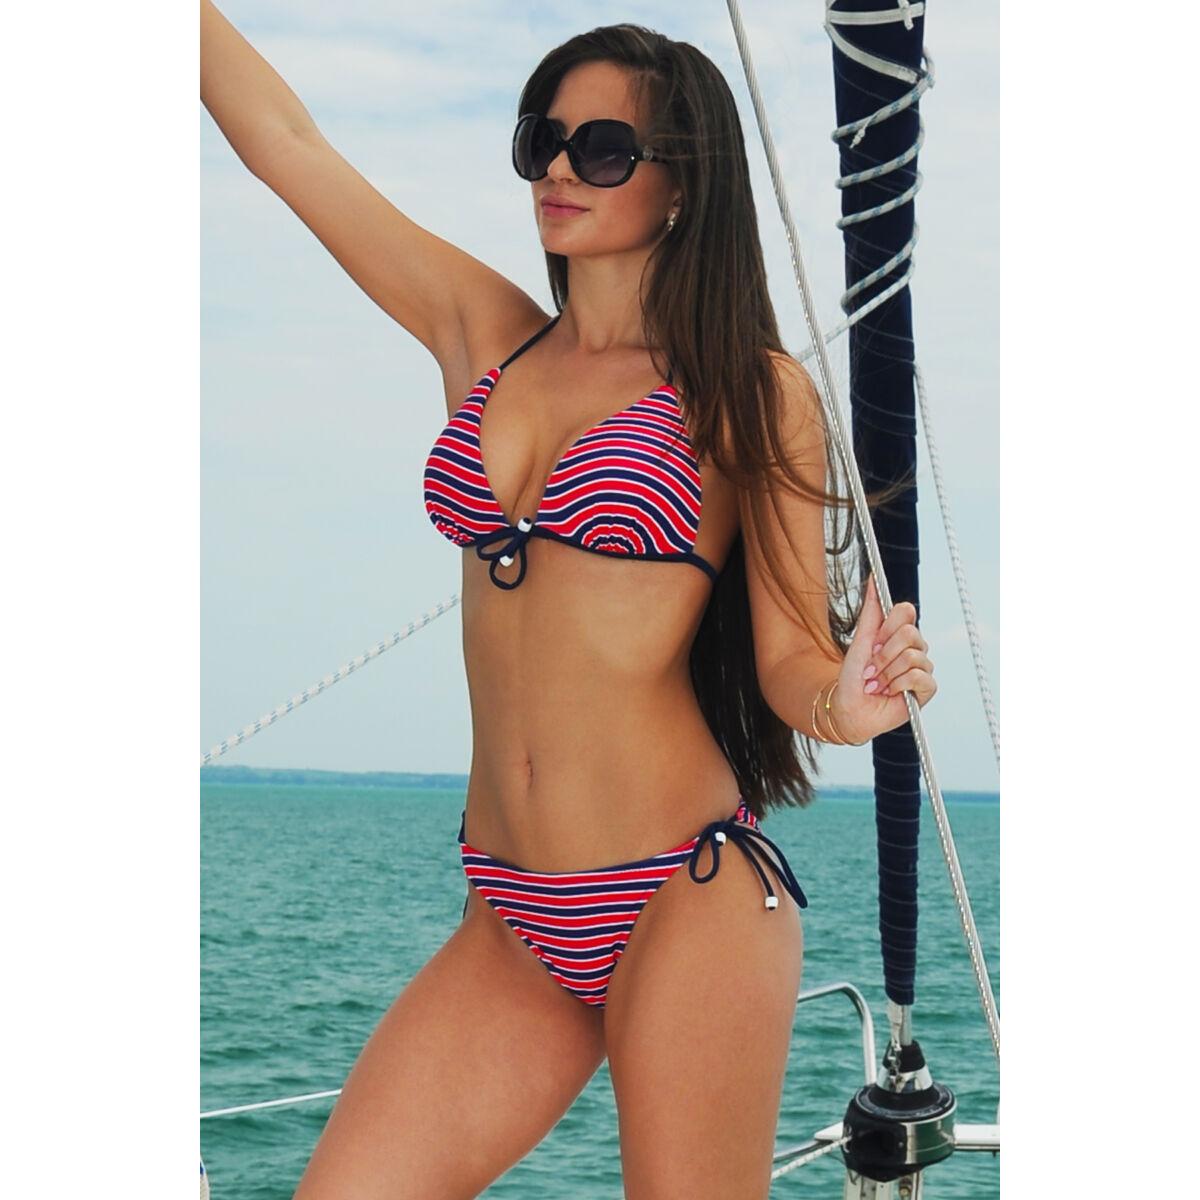 Sötétkék - piros - fehér csíkos vékony pántos push up háromszög bikini